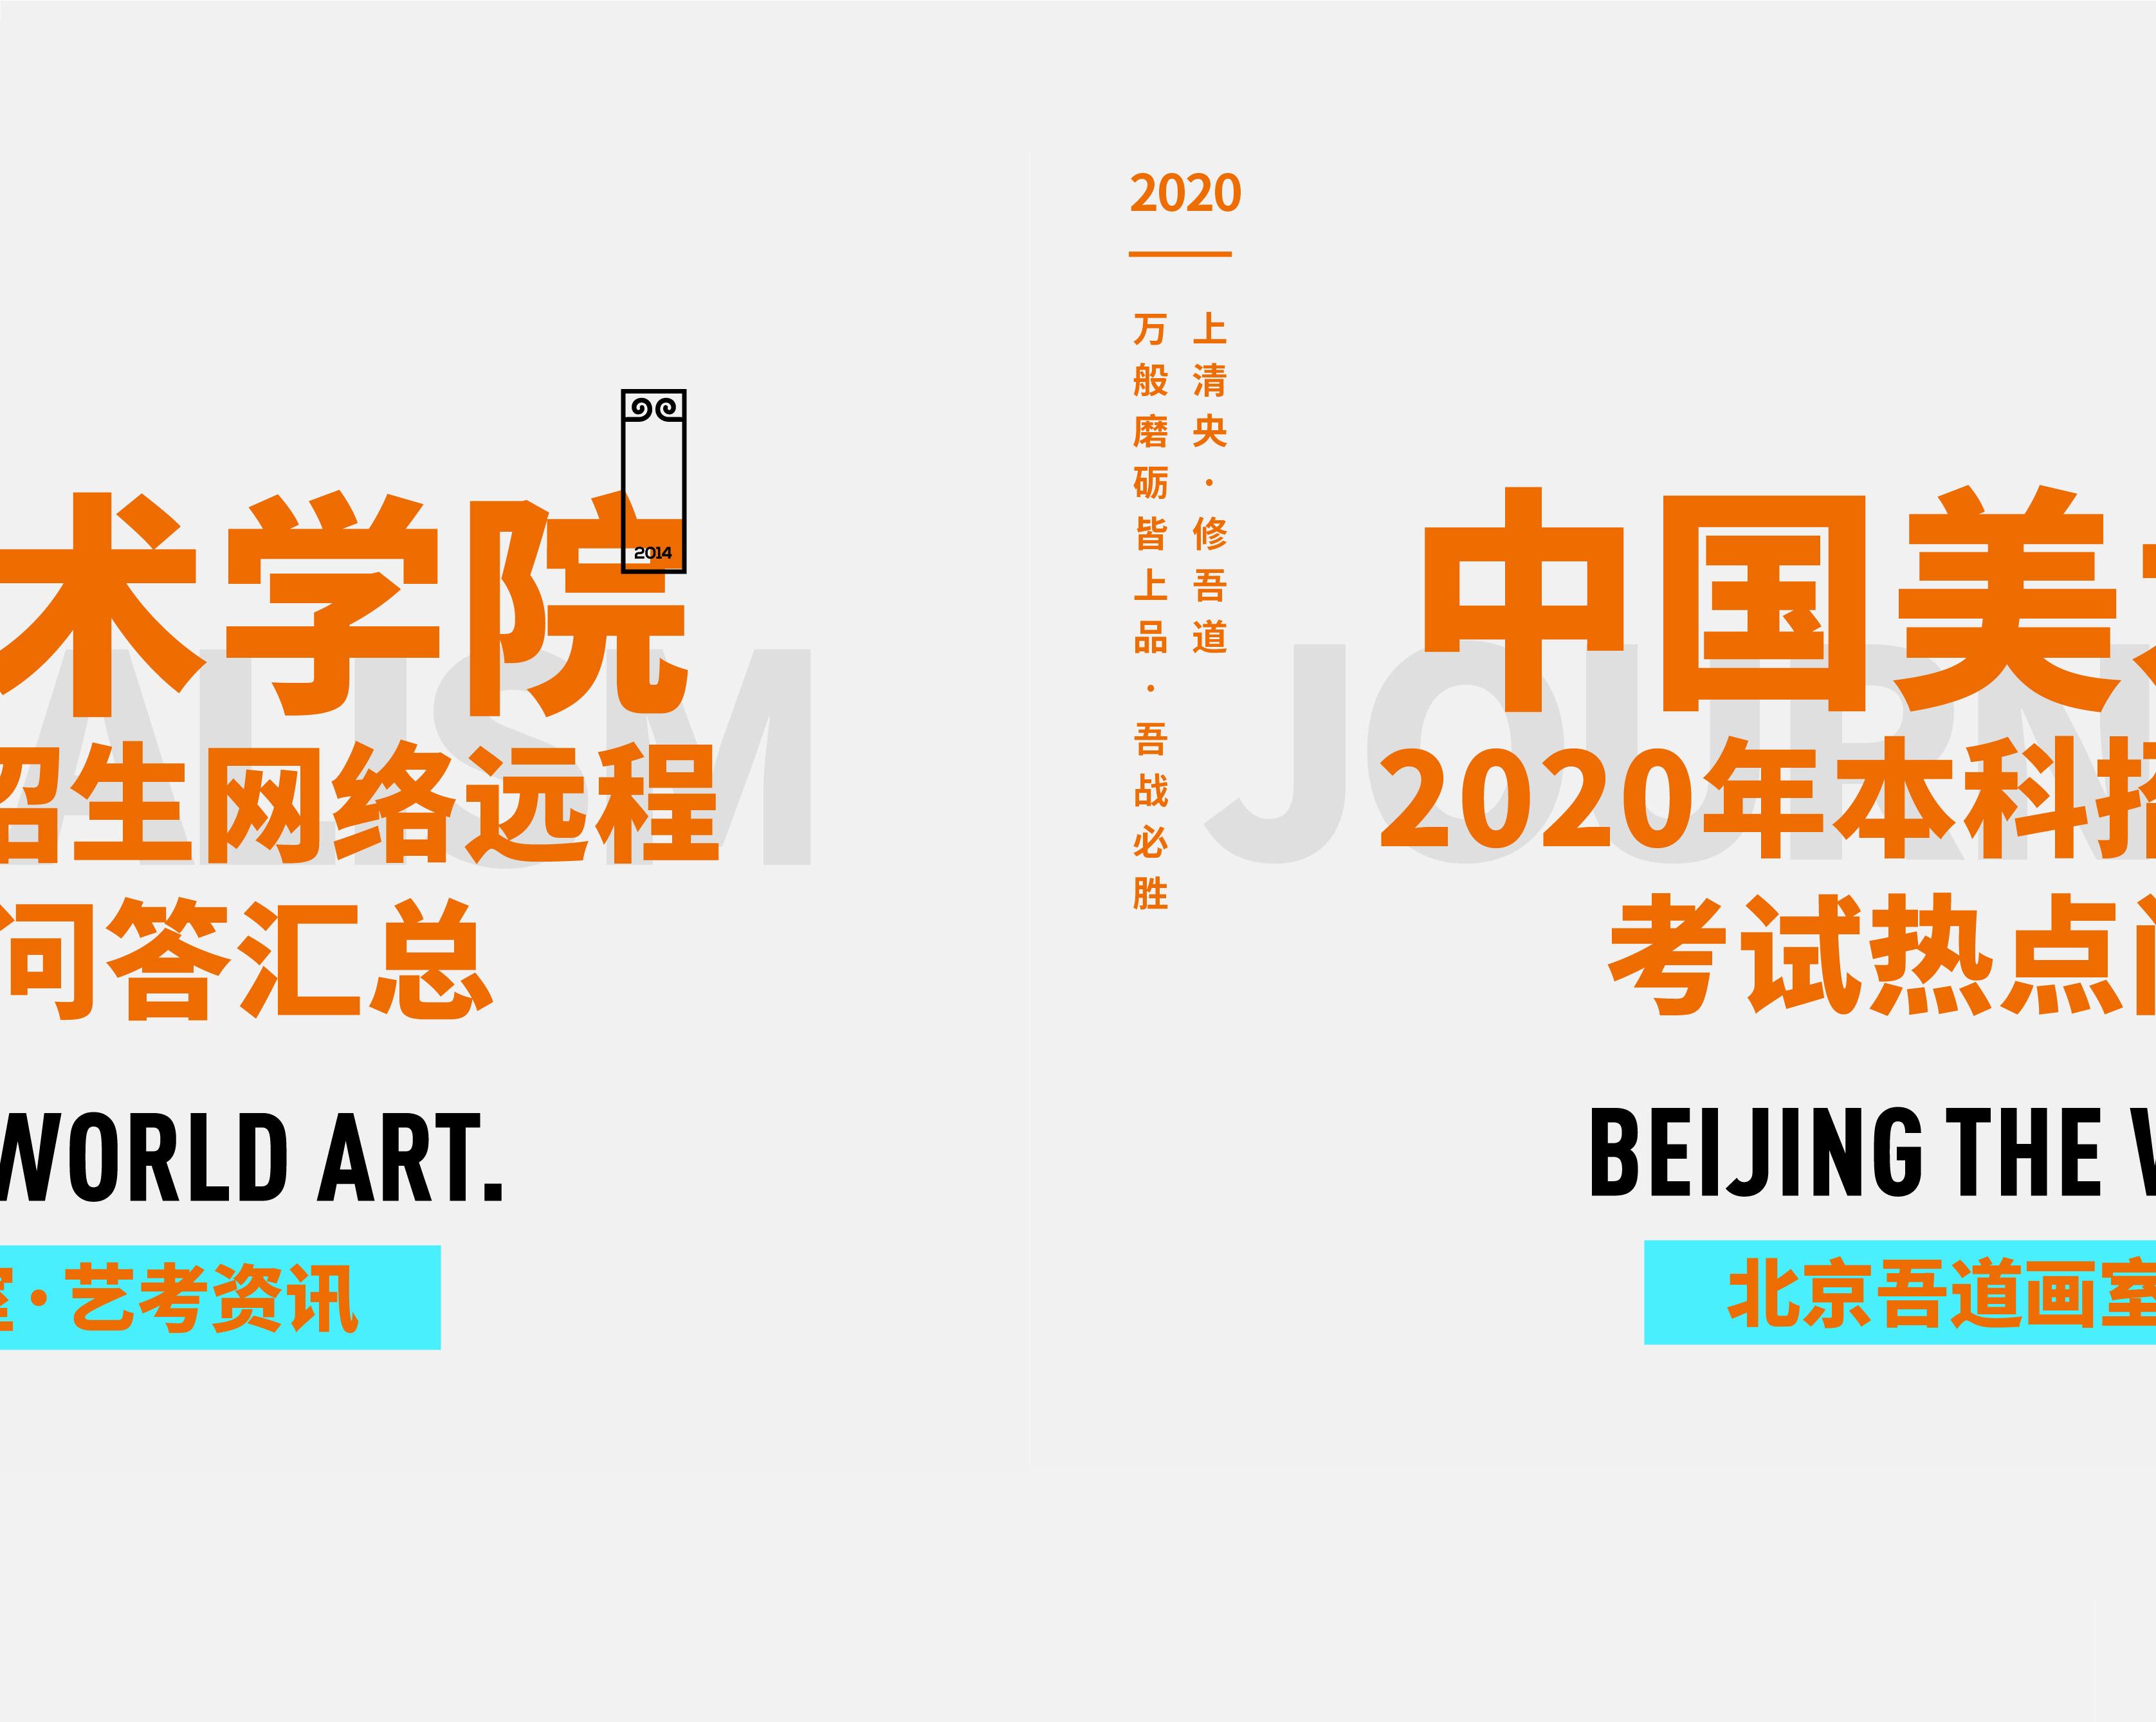 中国美术学院2020年本科招生网络远程考试热点问答汇总